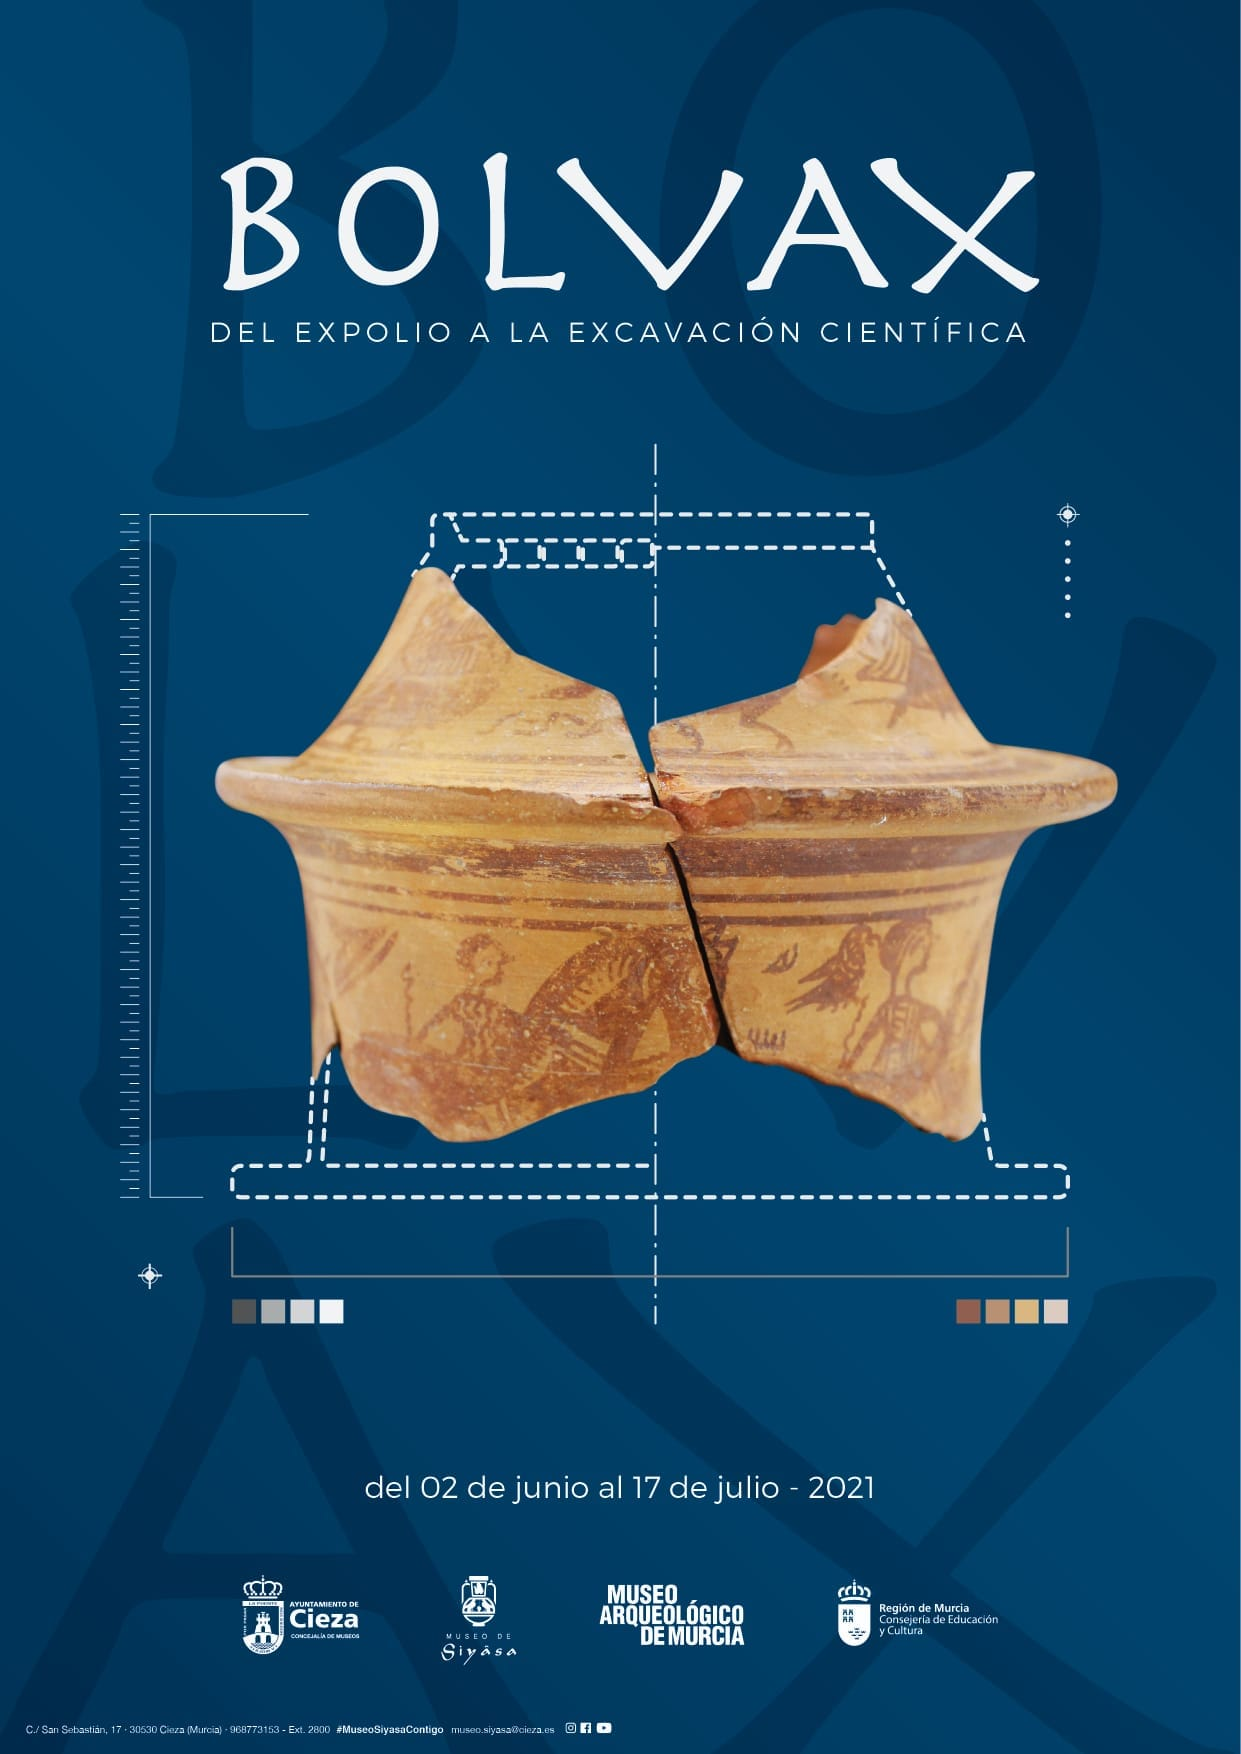 bolvax-siyasa.jpg